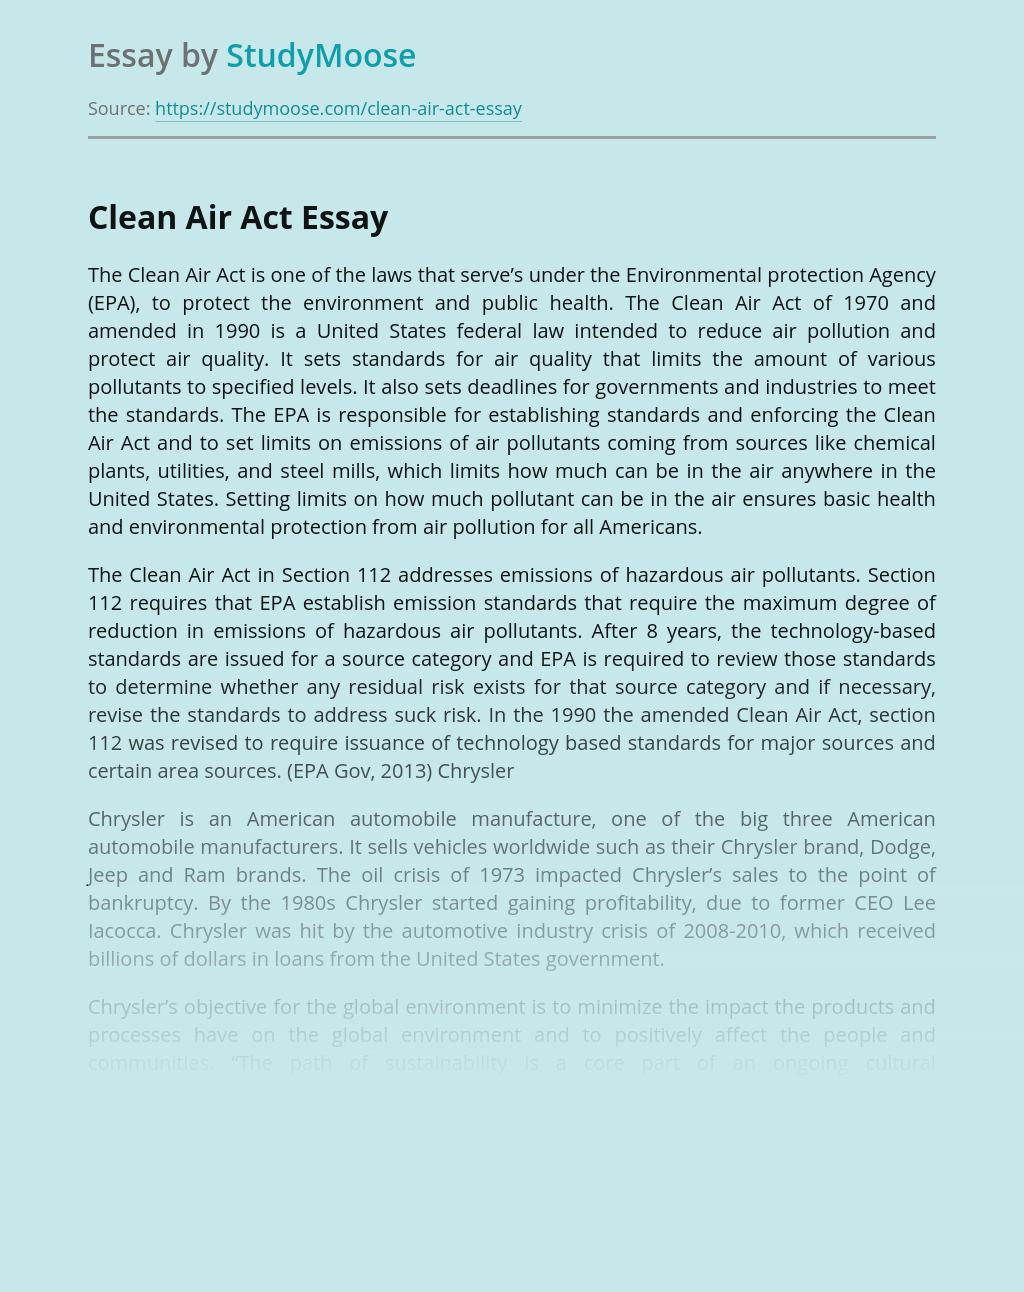 Law Against Air Pollution The Clean Air Act